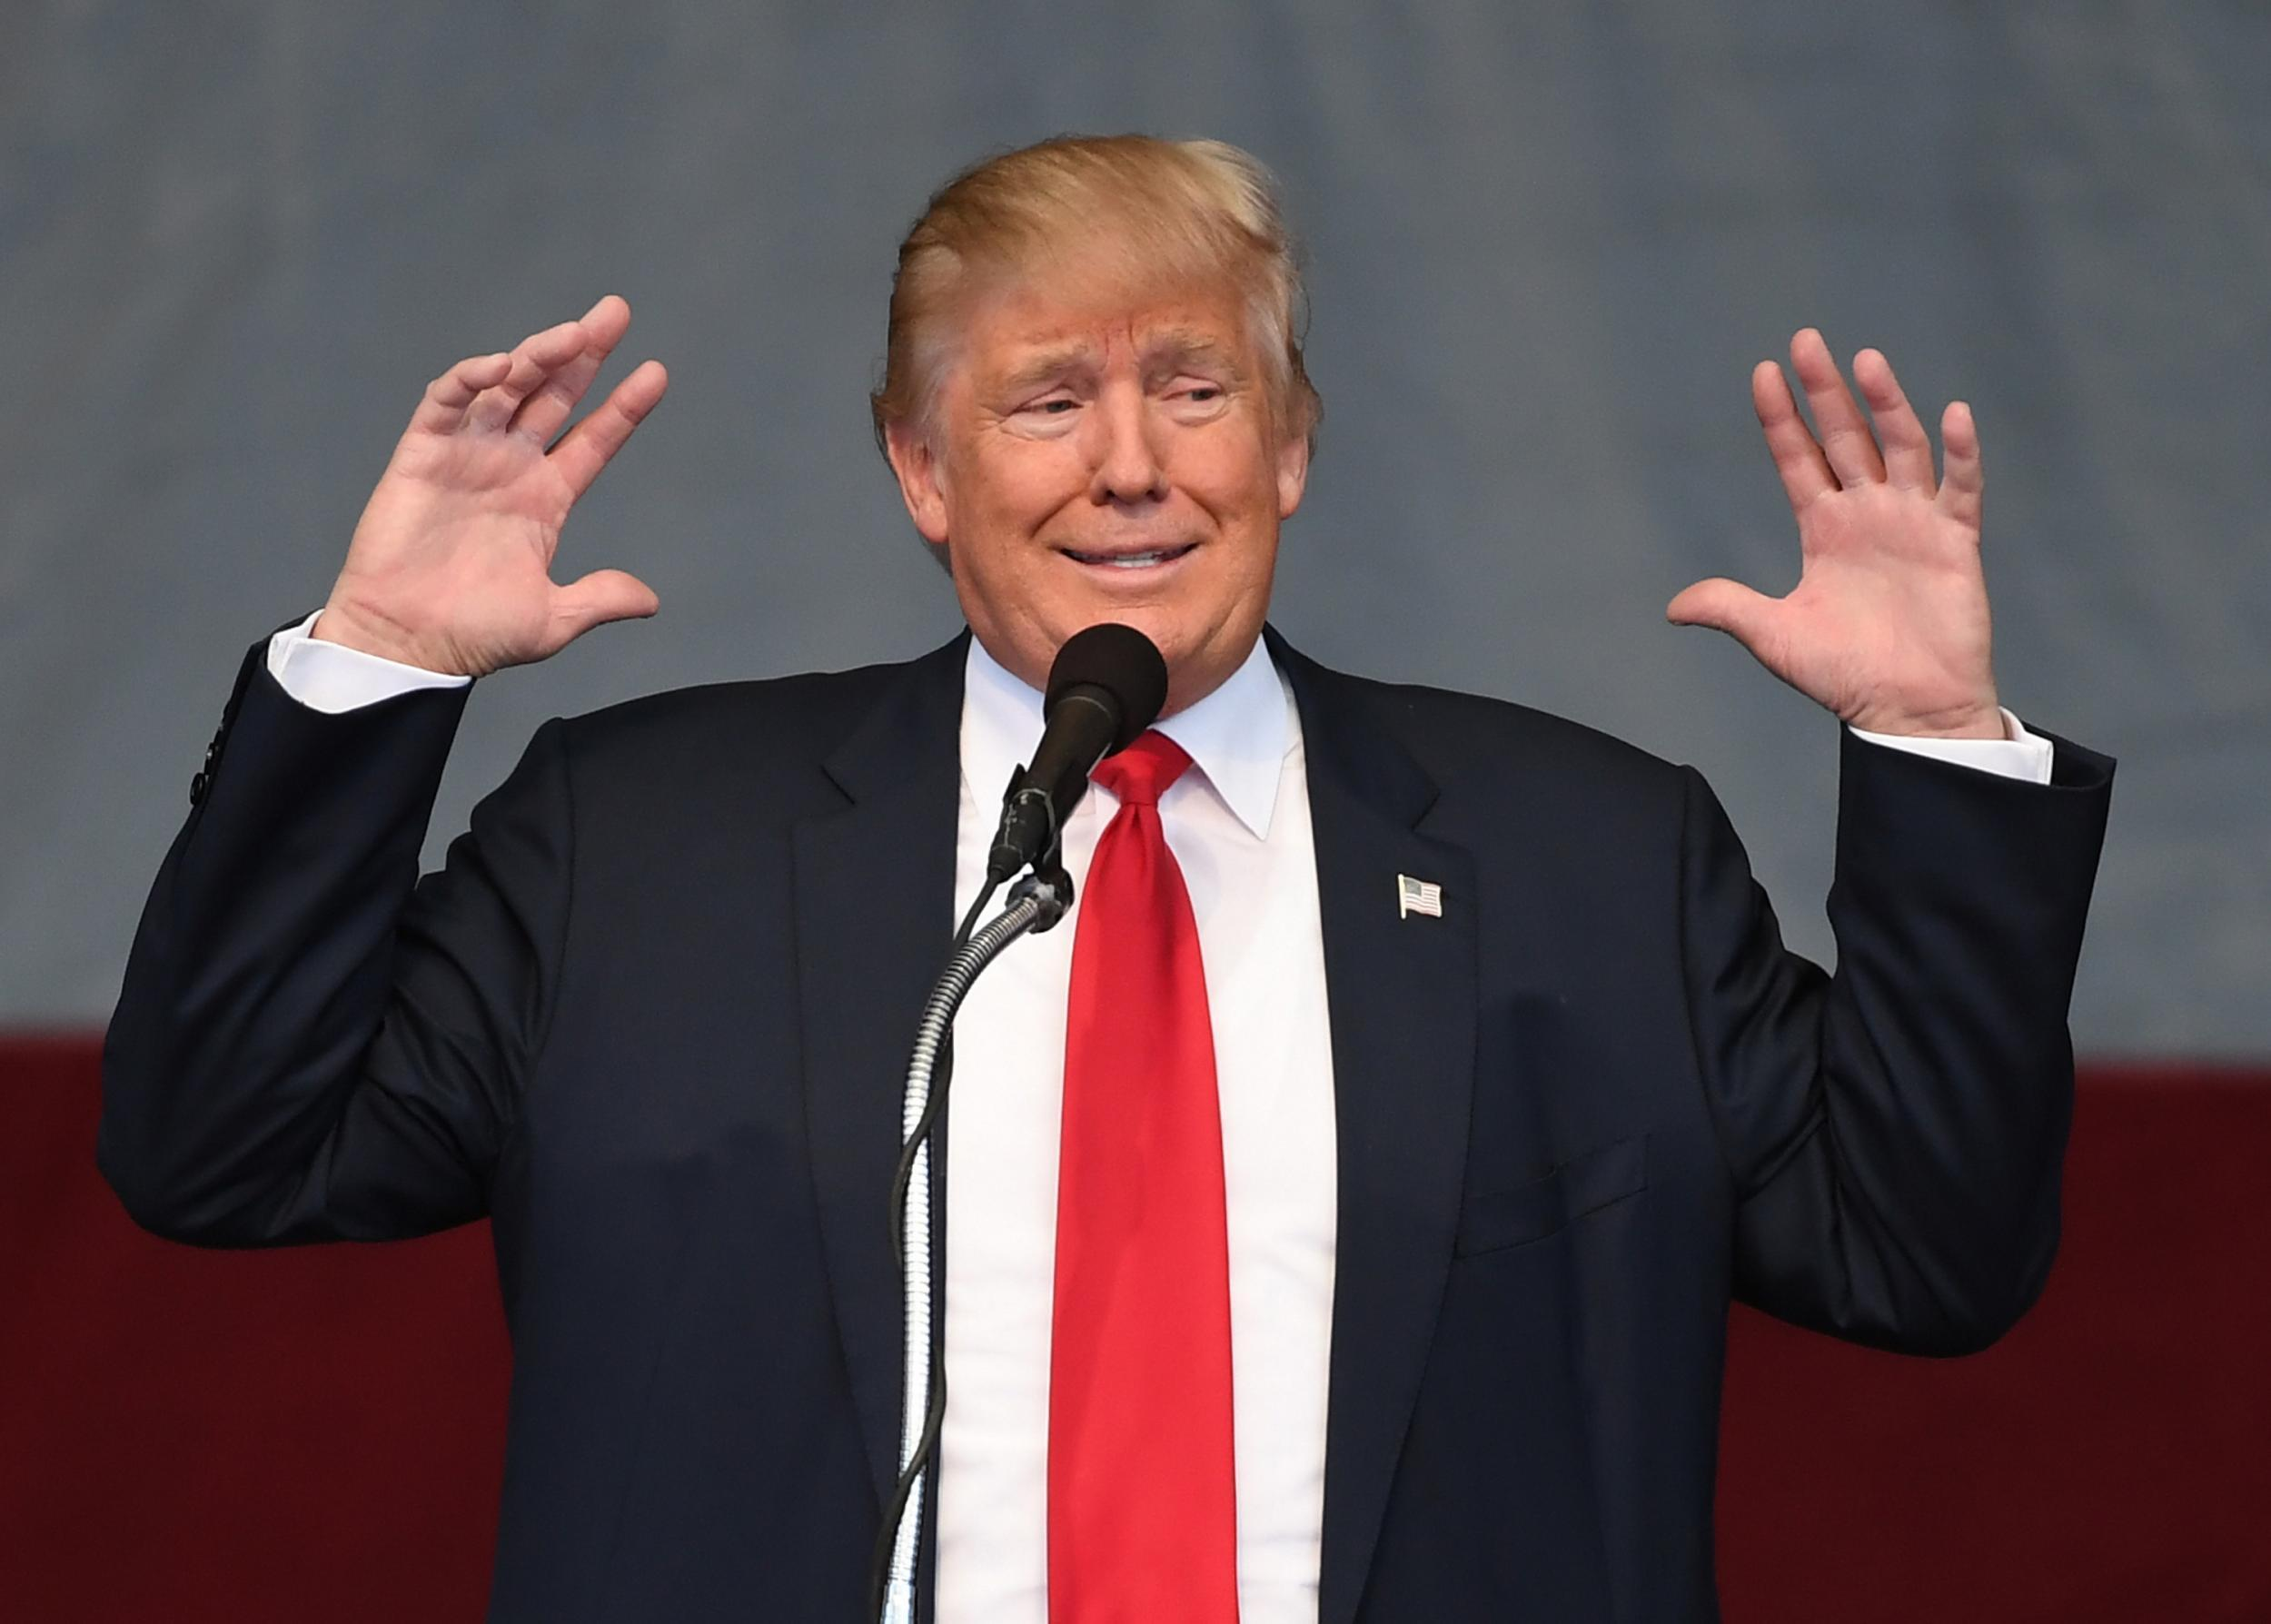 photoshopped Donald trump 2